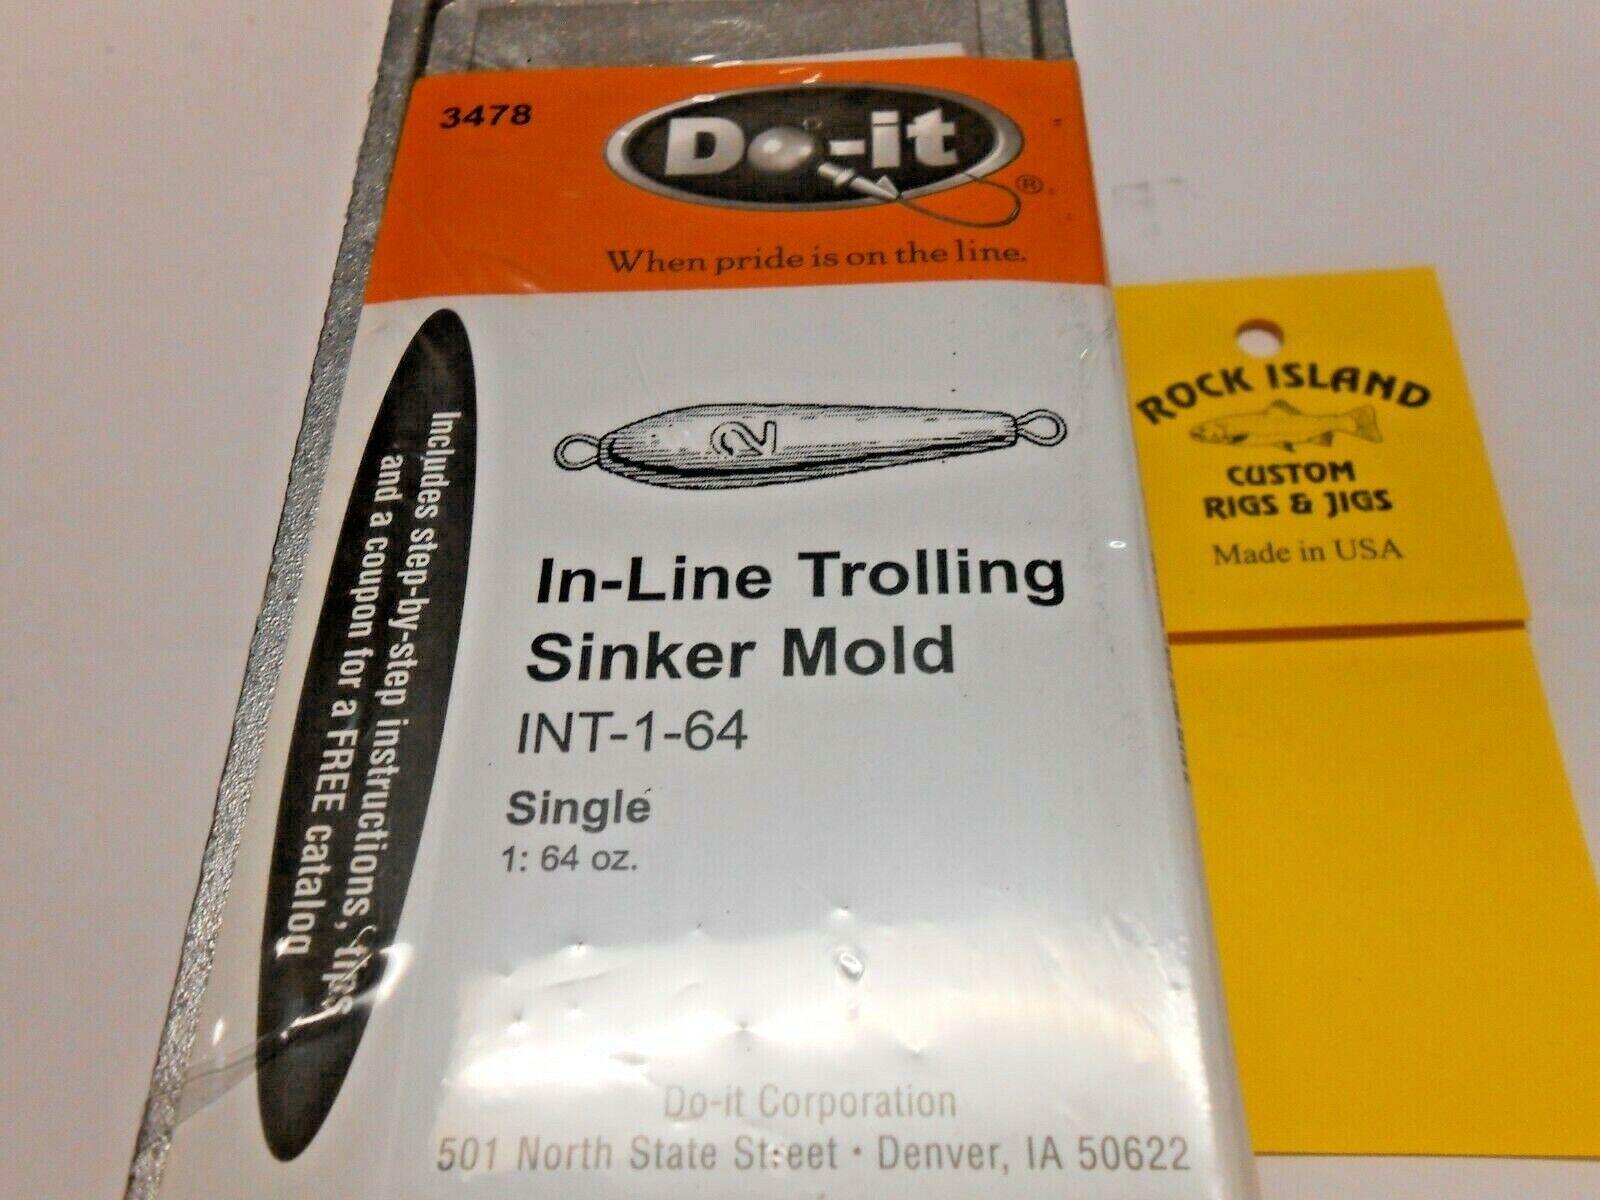 . INT-1-64 avec 10 Gratuit laiton yeux environ 1814.34 g 3478 NEW DO-IT Plomb Moule Inline #3478 64 oz